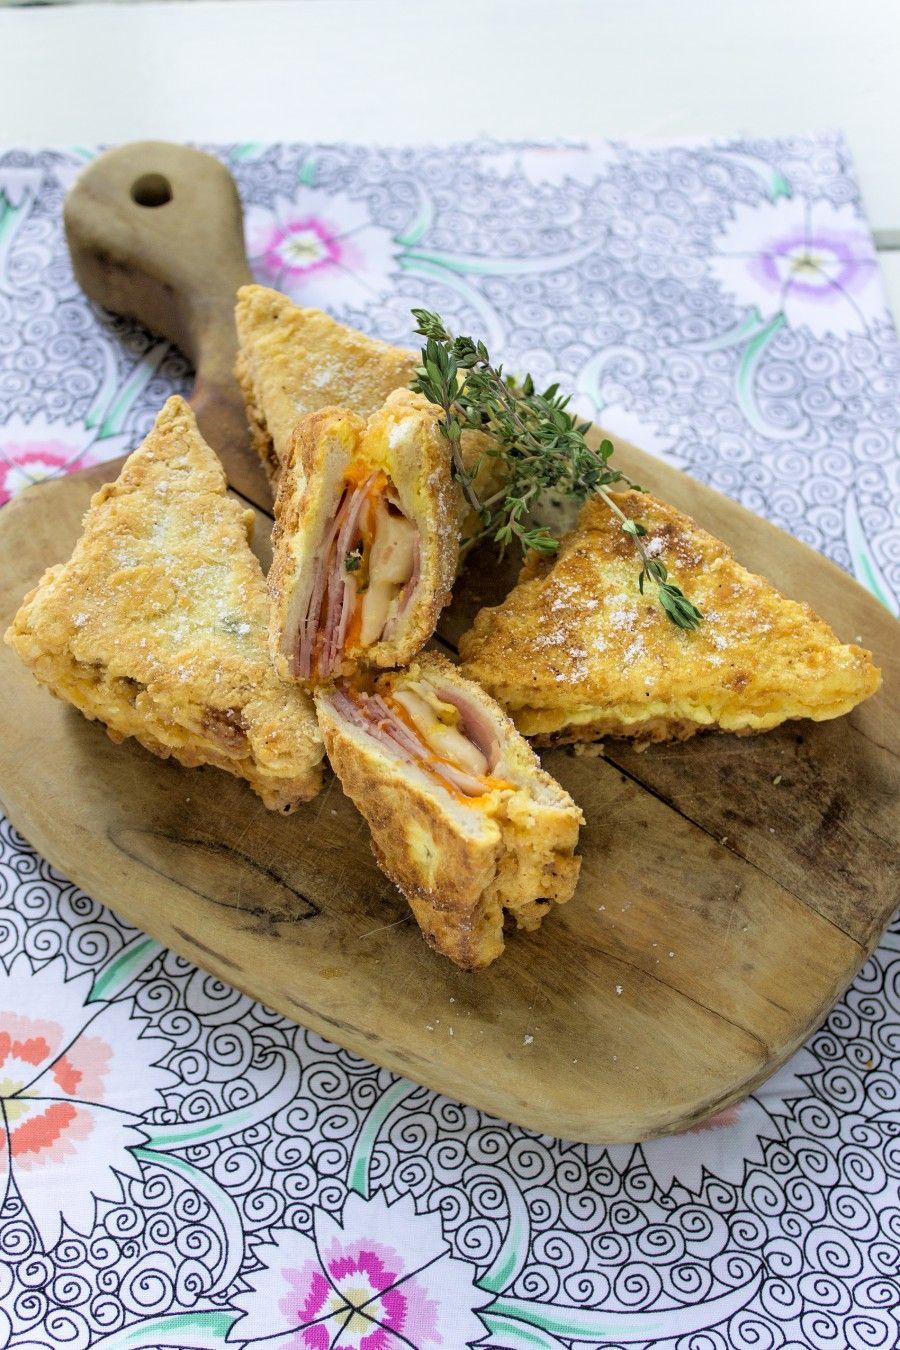 tramezzini-fritti-contemporaneo-food